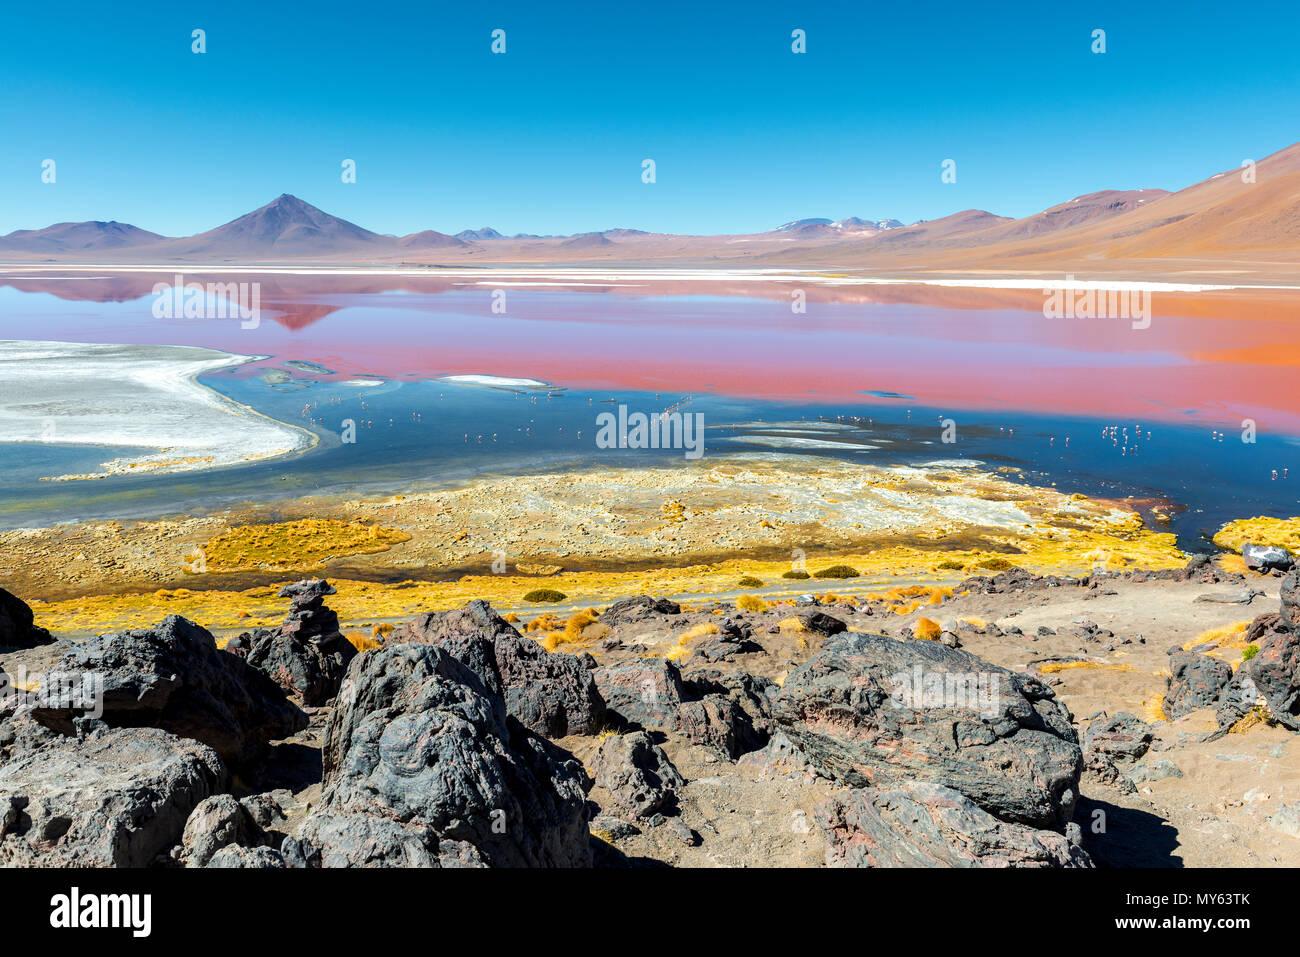 Il paesaggio della Laguna Colorada o Rosso Laguna in sale di Uyuni regione piana, Bolivia, Sud America. I colori rossi sono dovuti alle alghe e sedimenti. Immagini Stock